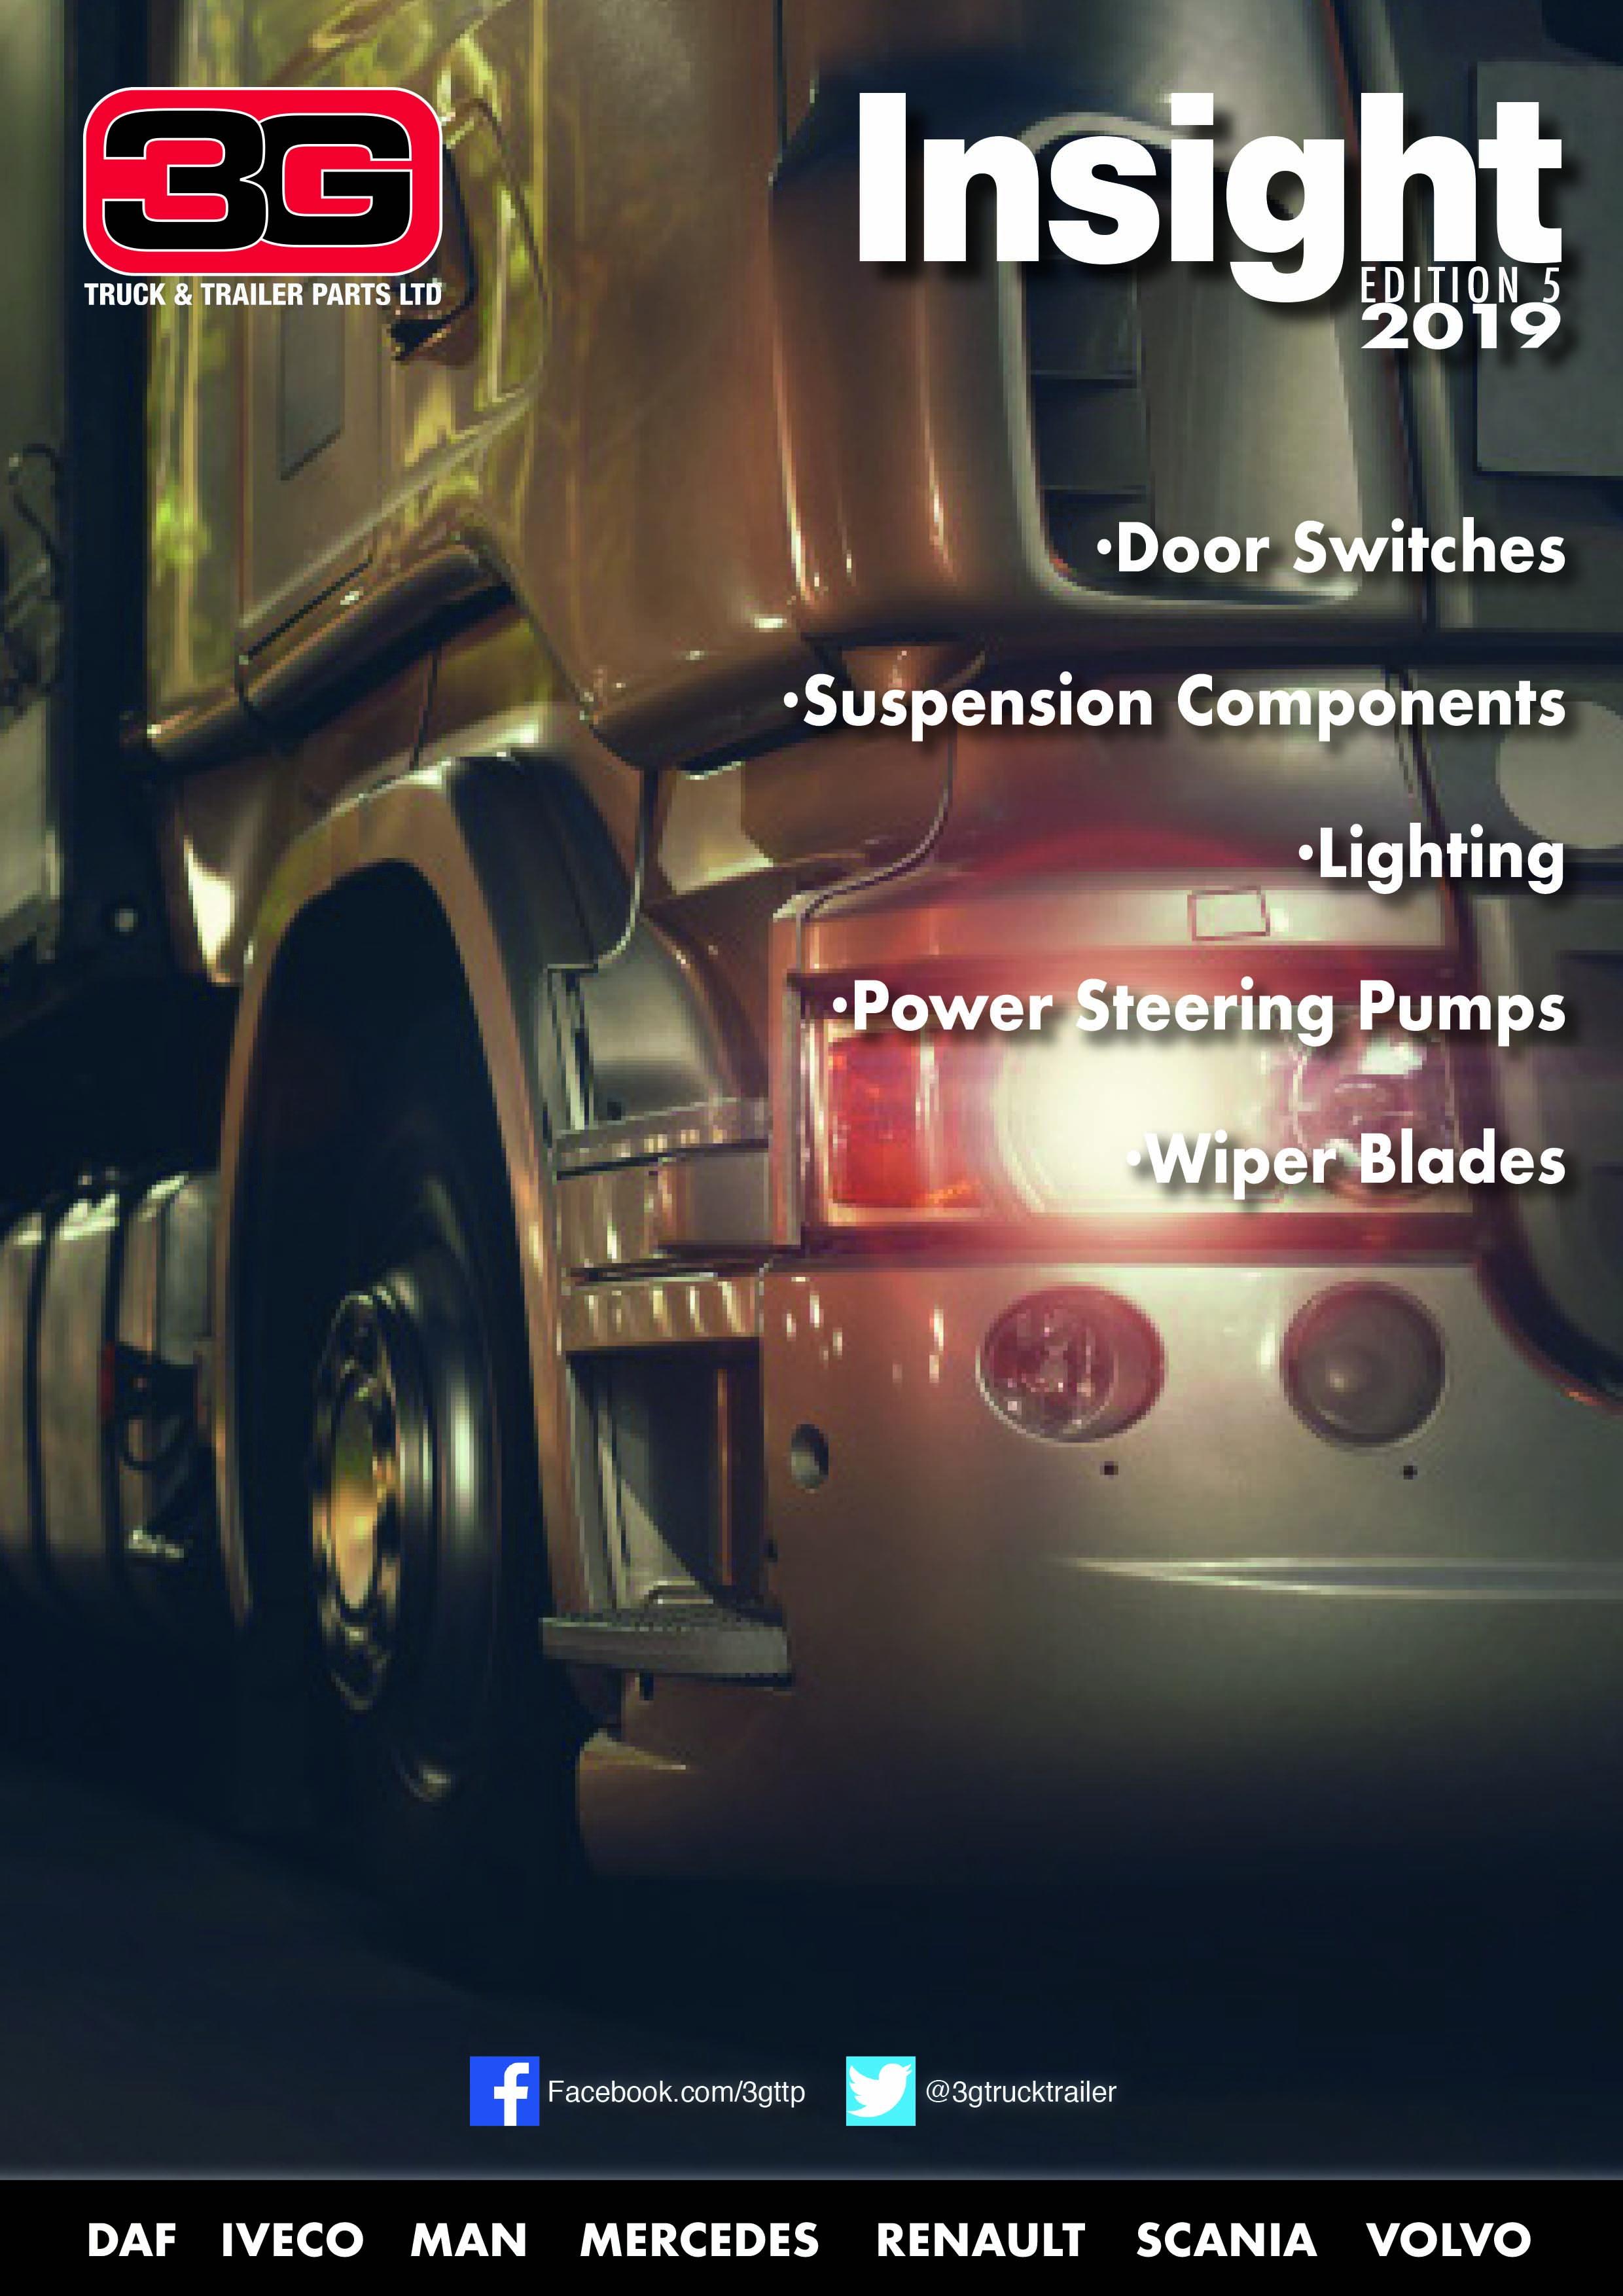 3G Truck & Trailer Parts Ltd